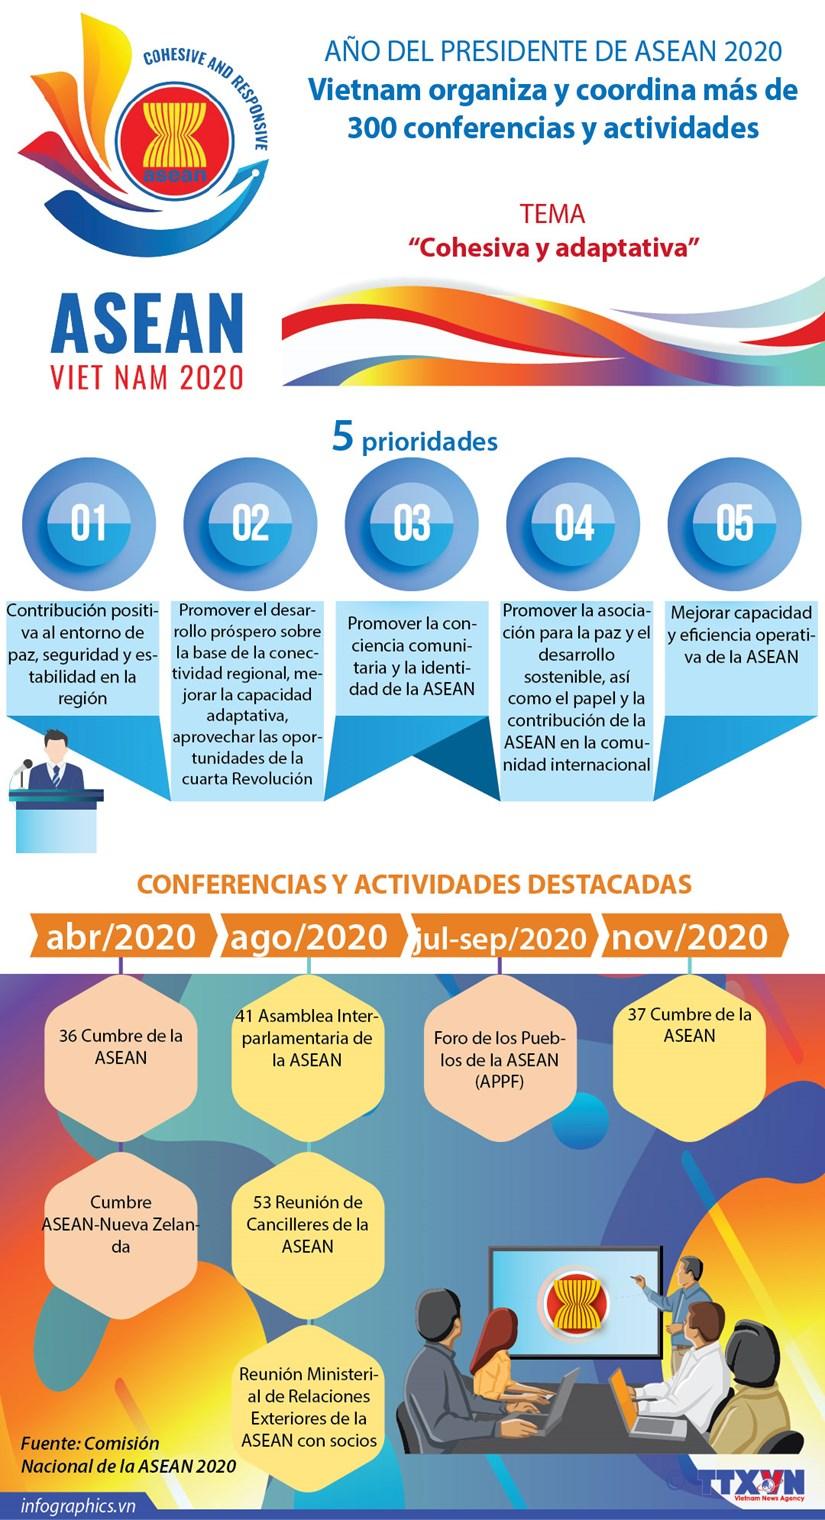 [Info] ANO DEL PRESIDENTE DE ASEAN 2020 hinh anh 1